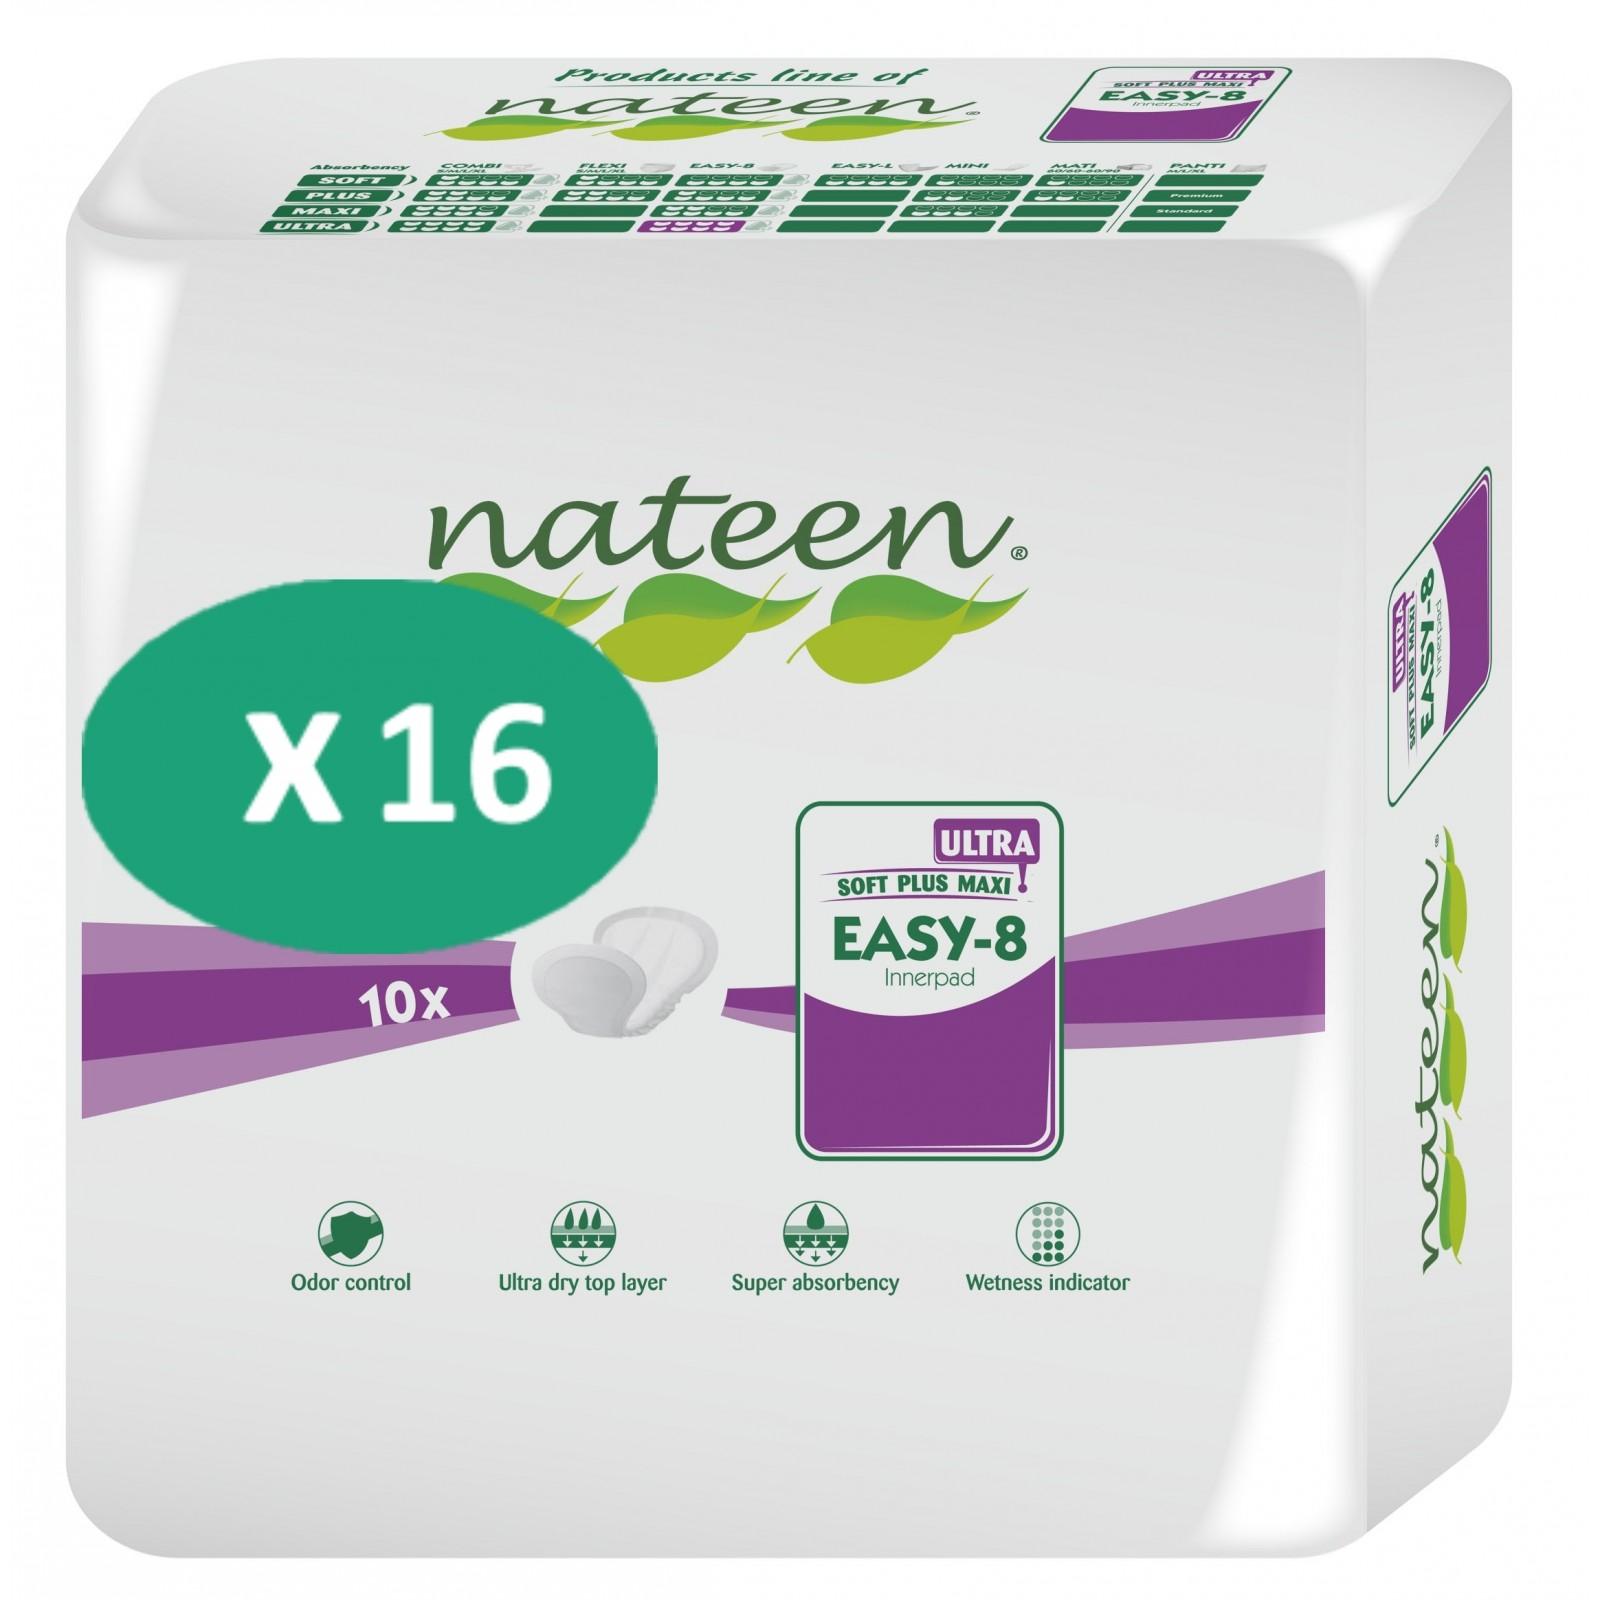 Nateen Easy-8 Ultra| SenUp.com